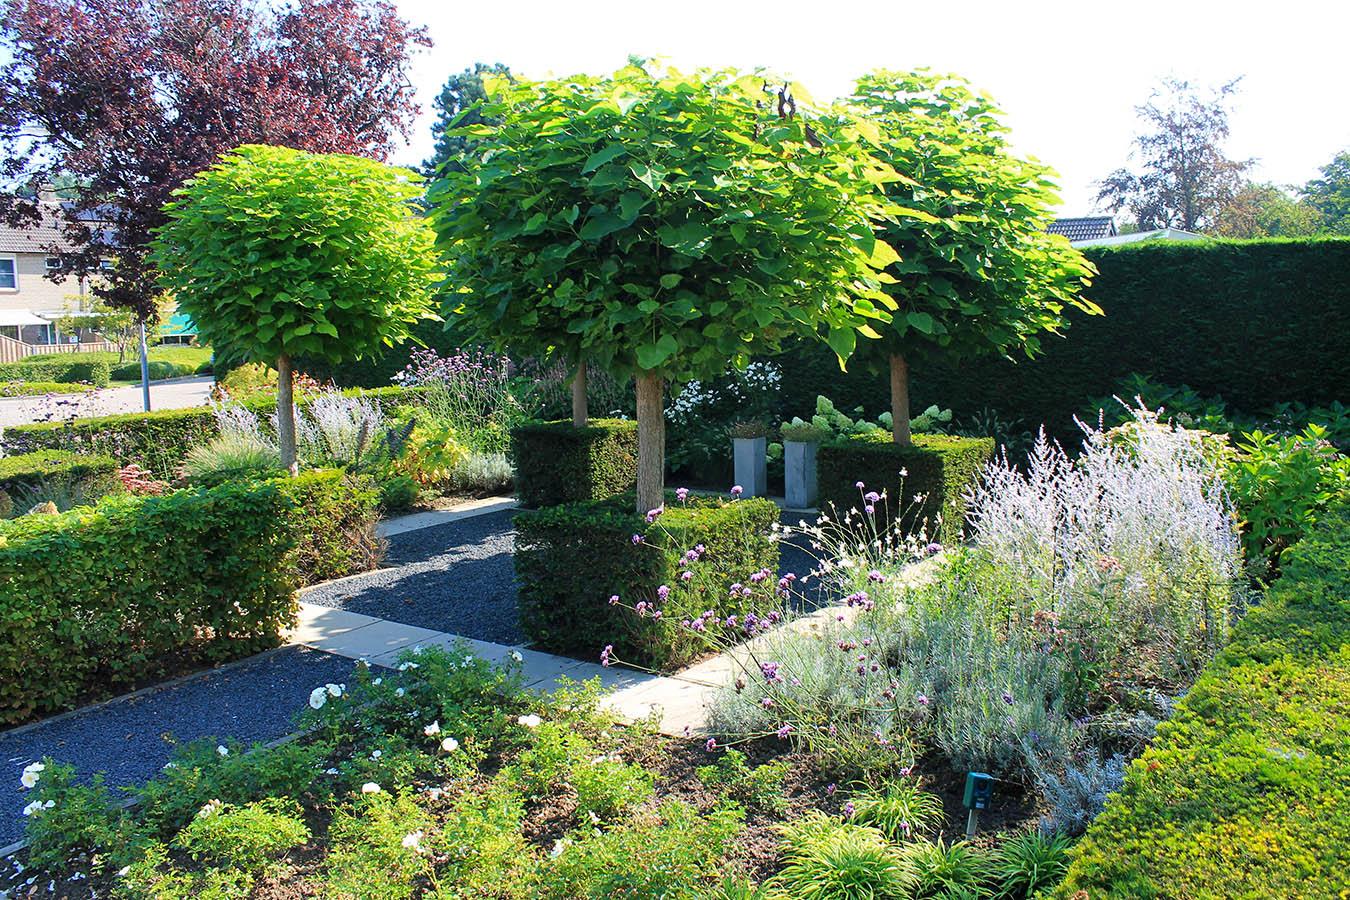 voortuin_geleijns hoevniers_tuinaanleg_zevenbergen_taxus haag_bolbomen_tuinonderhoud_bloeiende planten